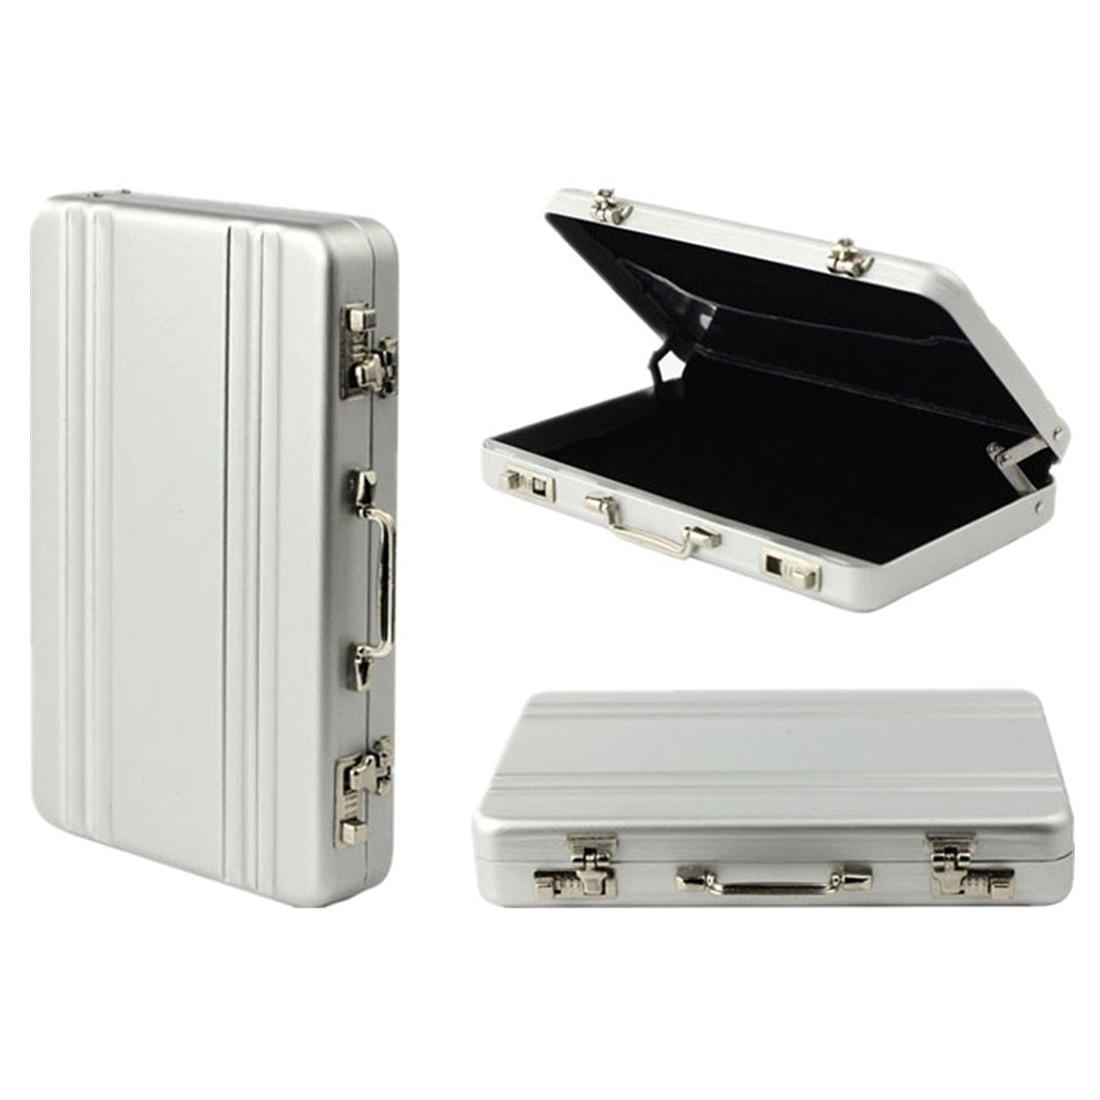 Mini Case Form Card Case (Silver)